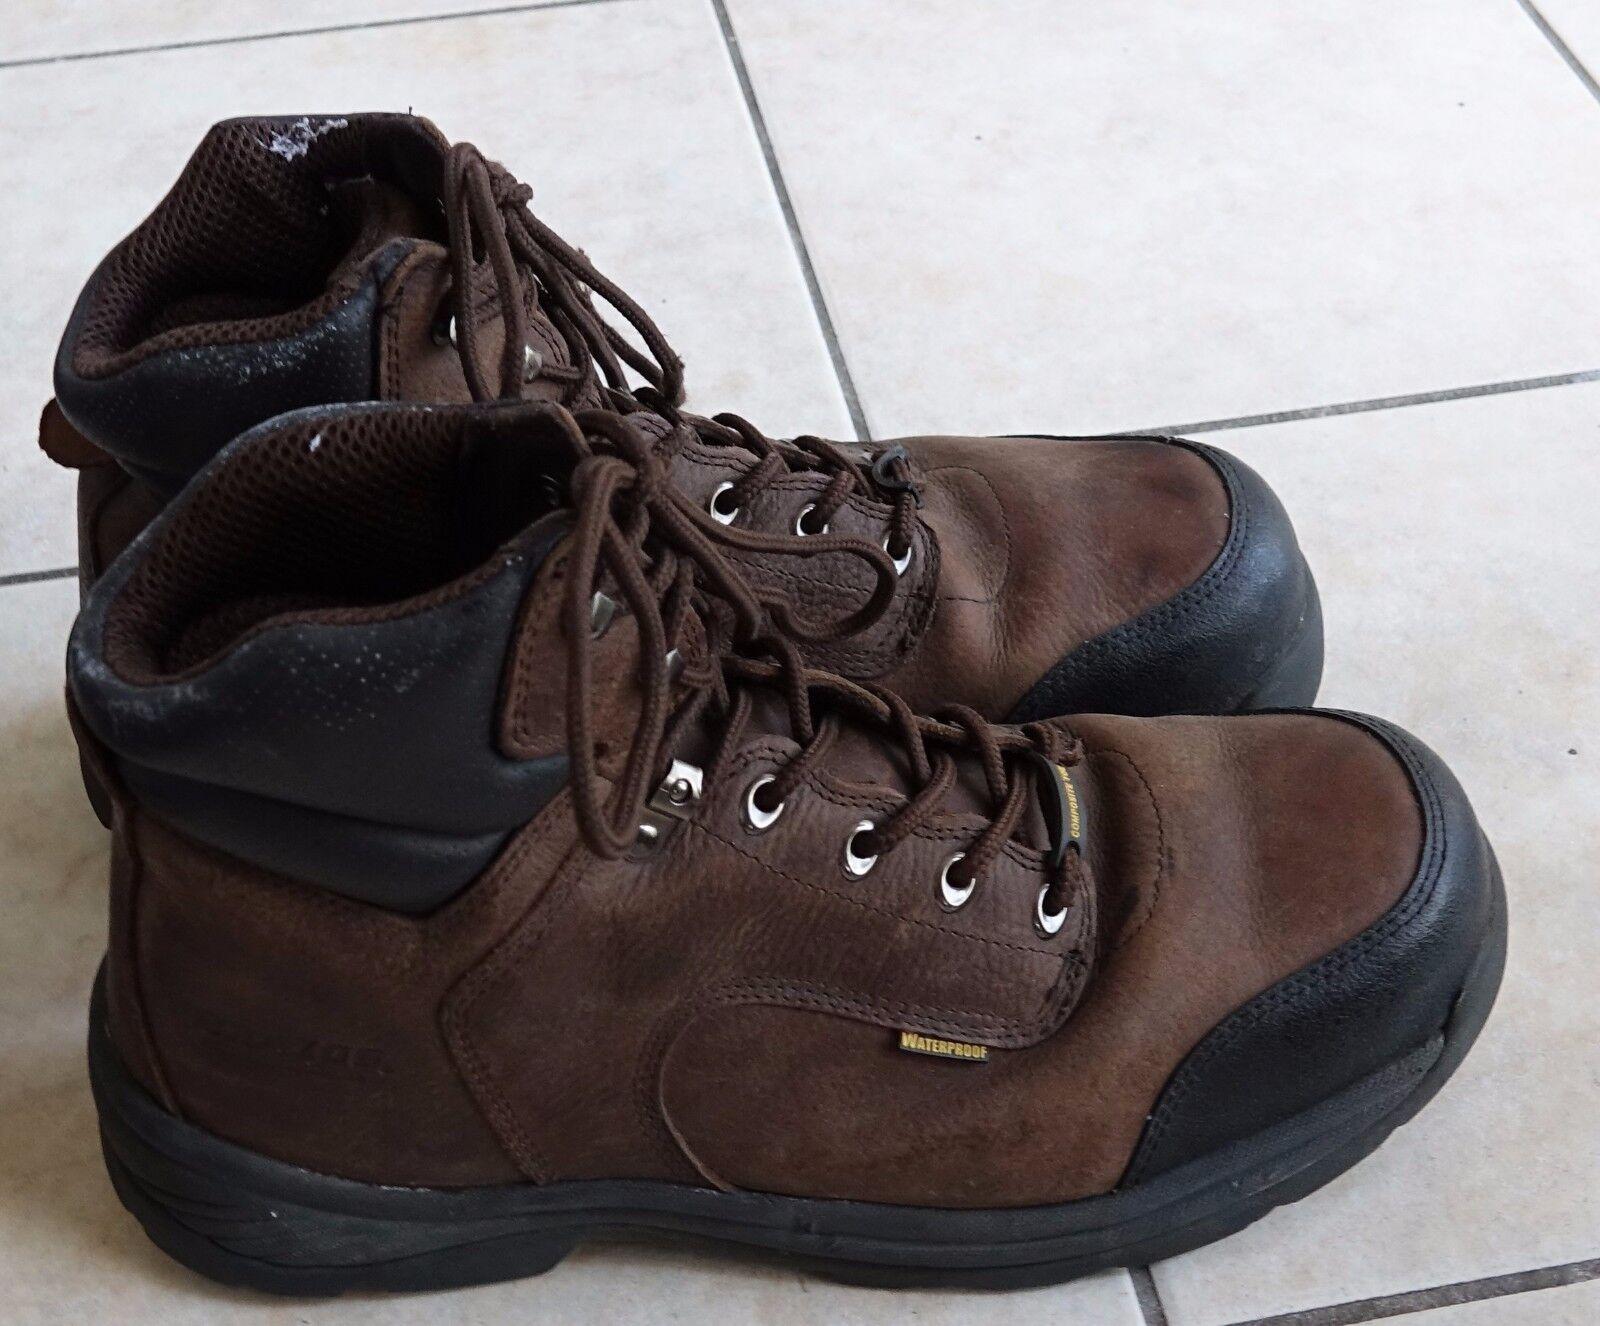 Brazos uomini brown pieno fiore di pizzo cavallo ii lavoro punta dacciaio gli stivali da lavoro, 13